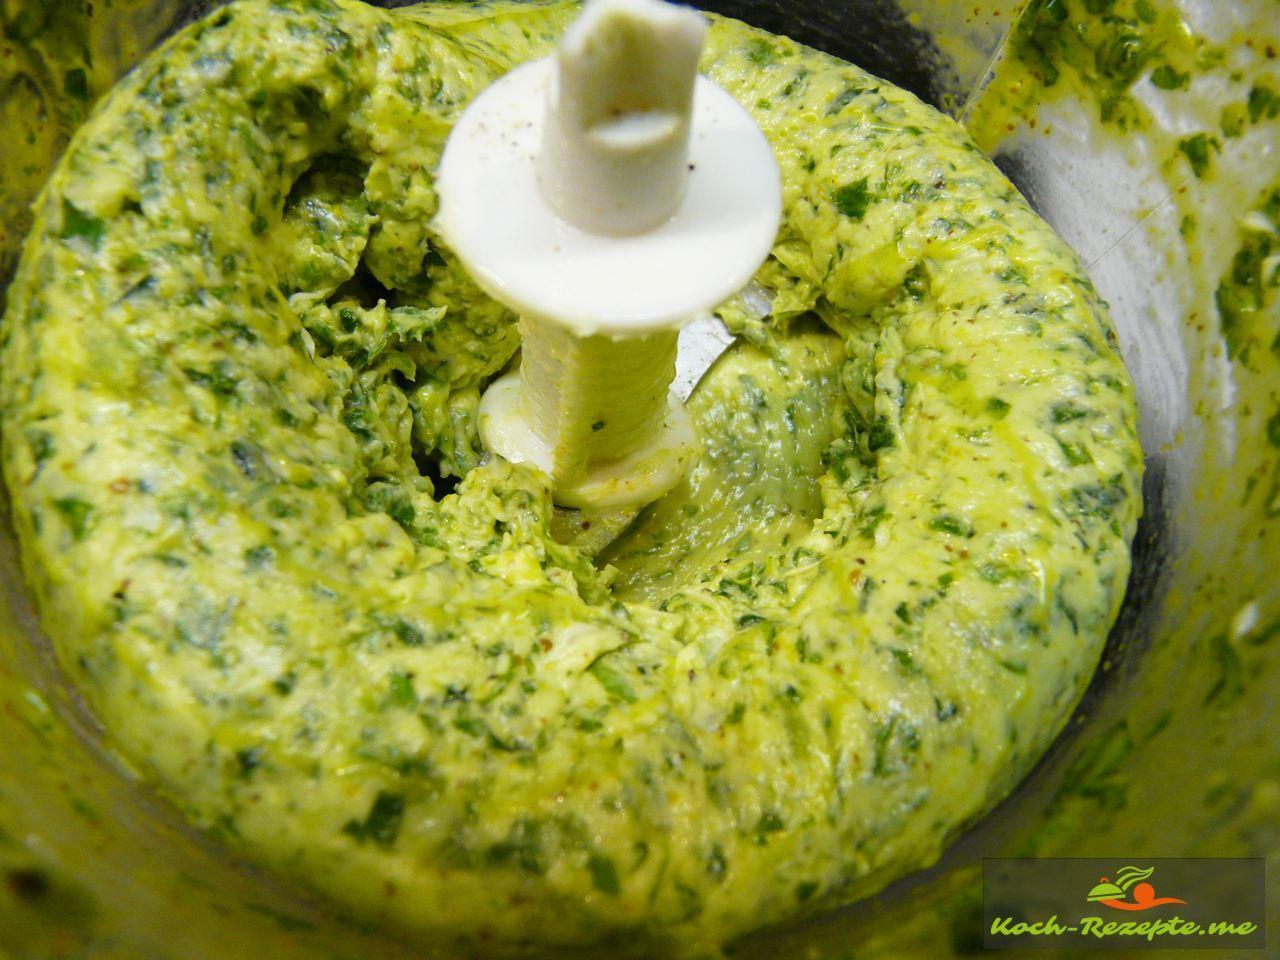 Alle Zutaten werden fein gemixt zu einer Waldknoblauch Butter (Bärlauchbutter)